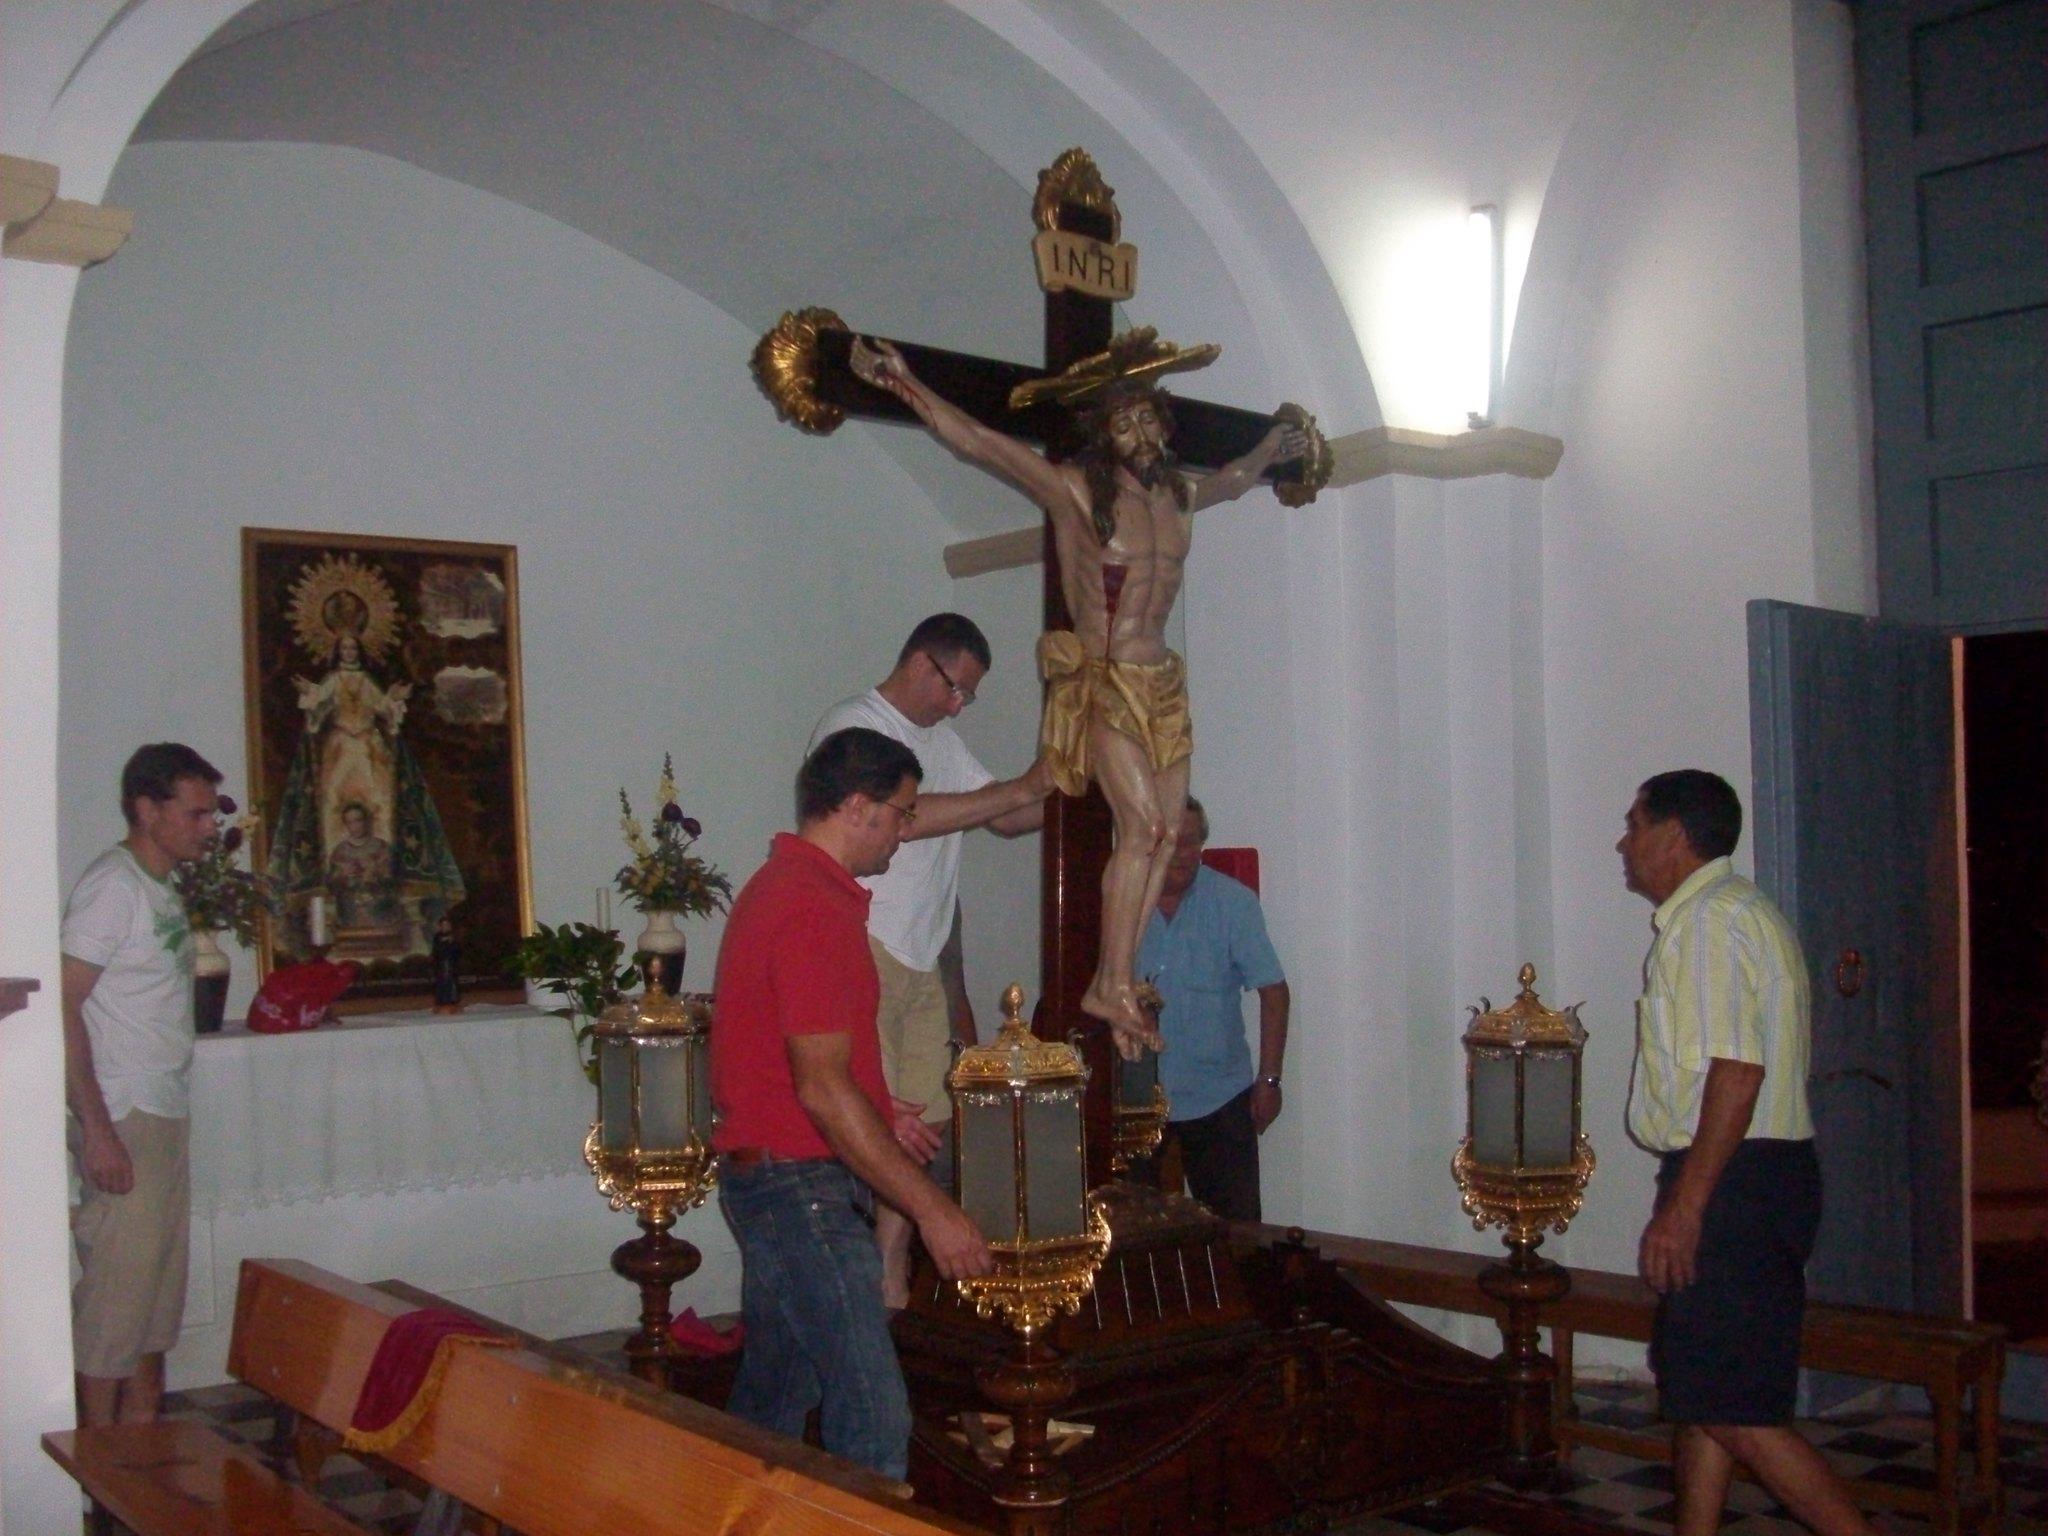 (2010-06-22) - Preparativos Imagen - Javier Romero Ripoll - (12)